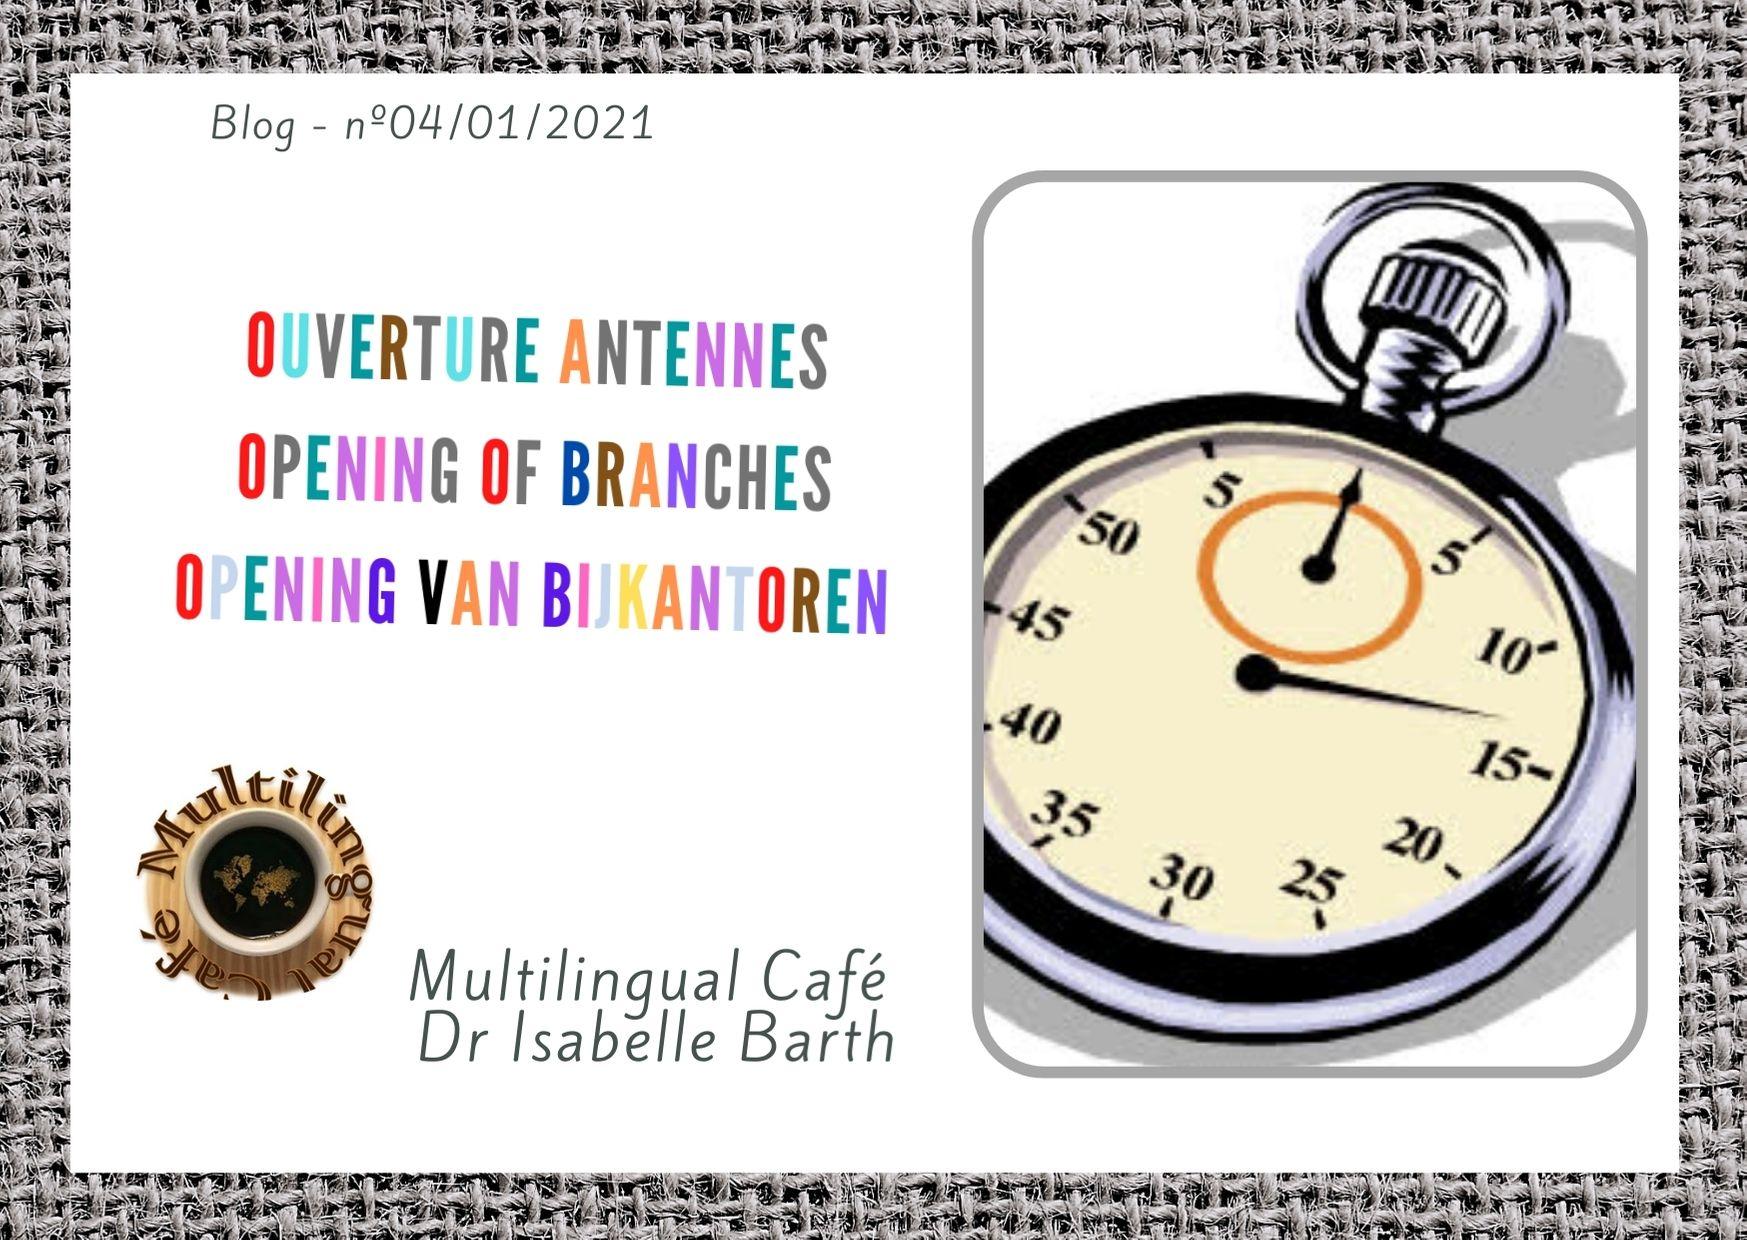 Ouverture d'antennes / Opening of branches / Opening van bijkantoren